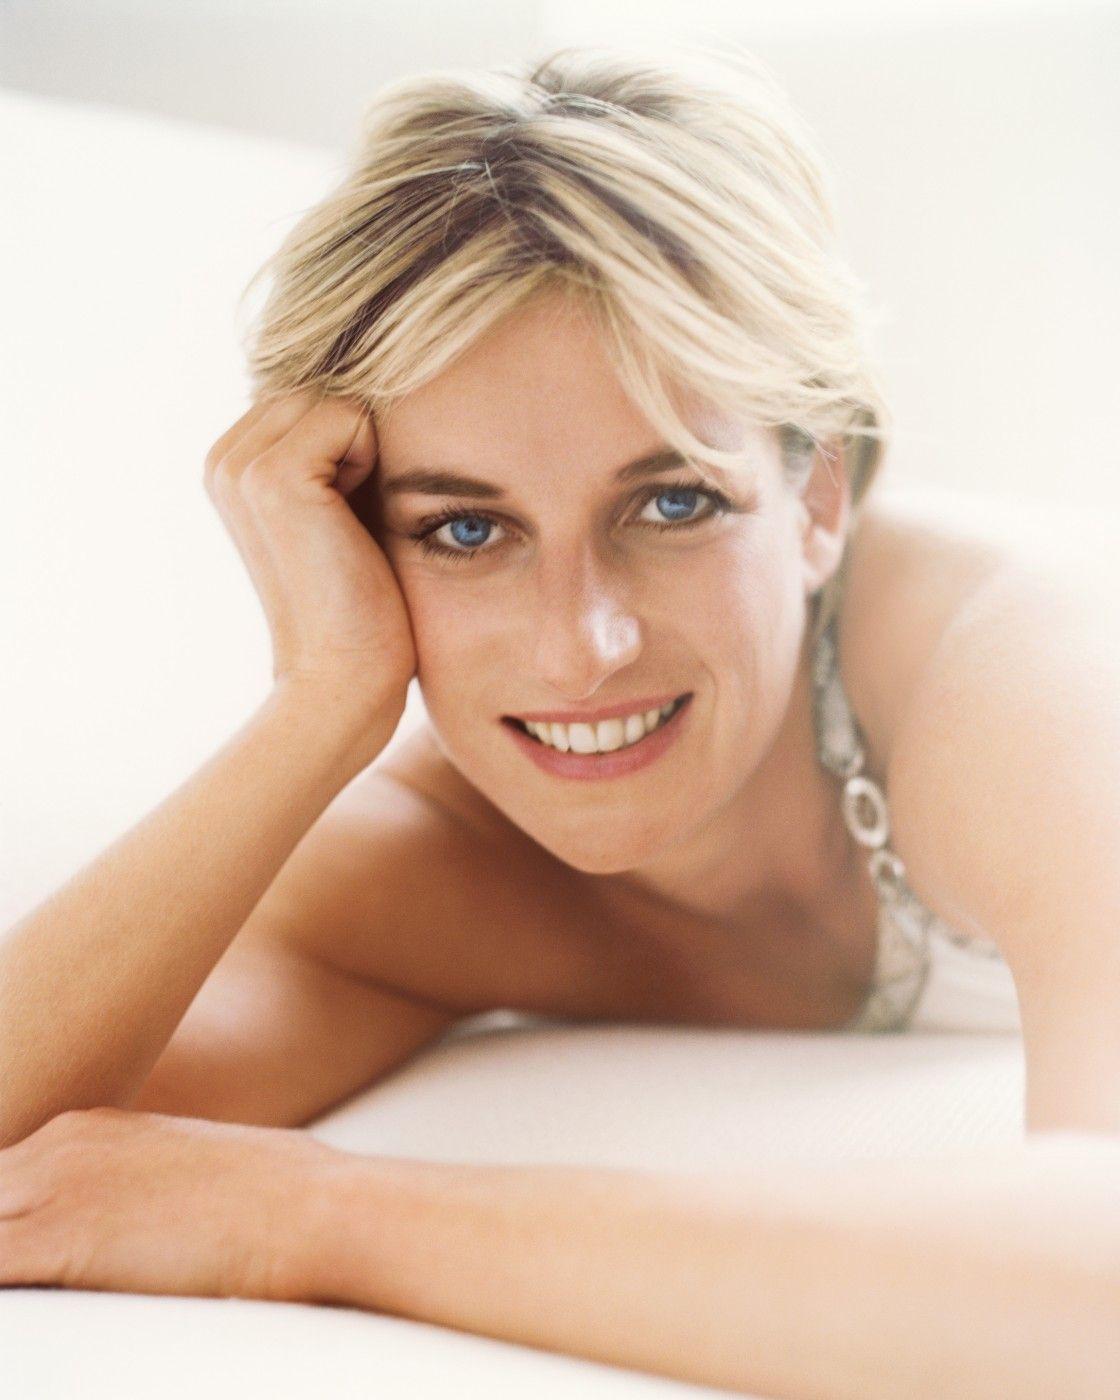 Meghan Markle's Vanity Fair Beauty Style